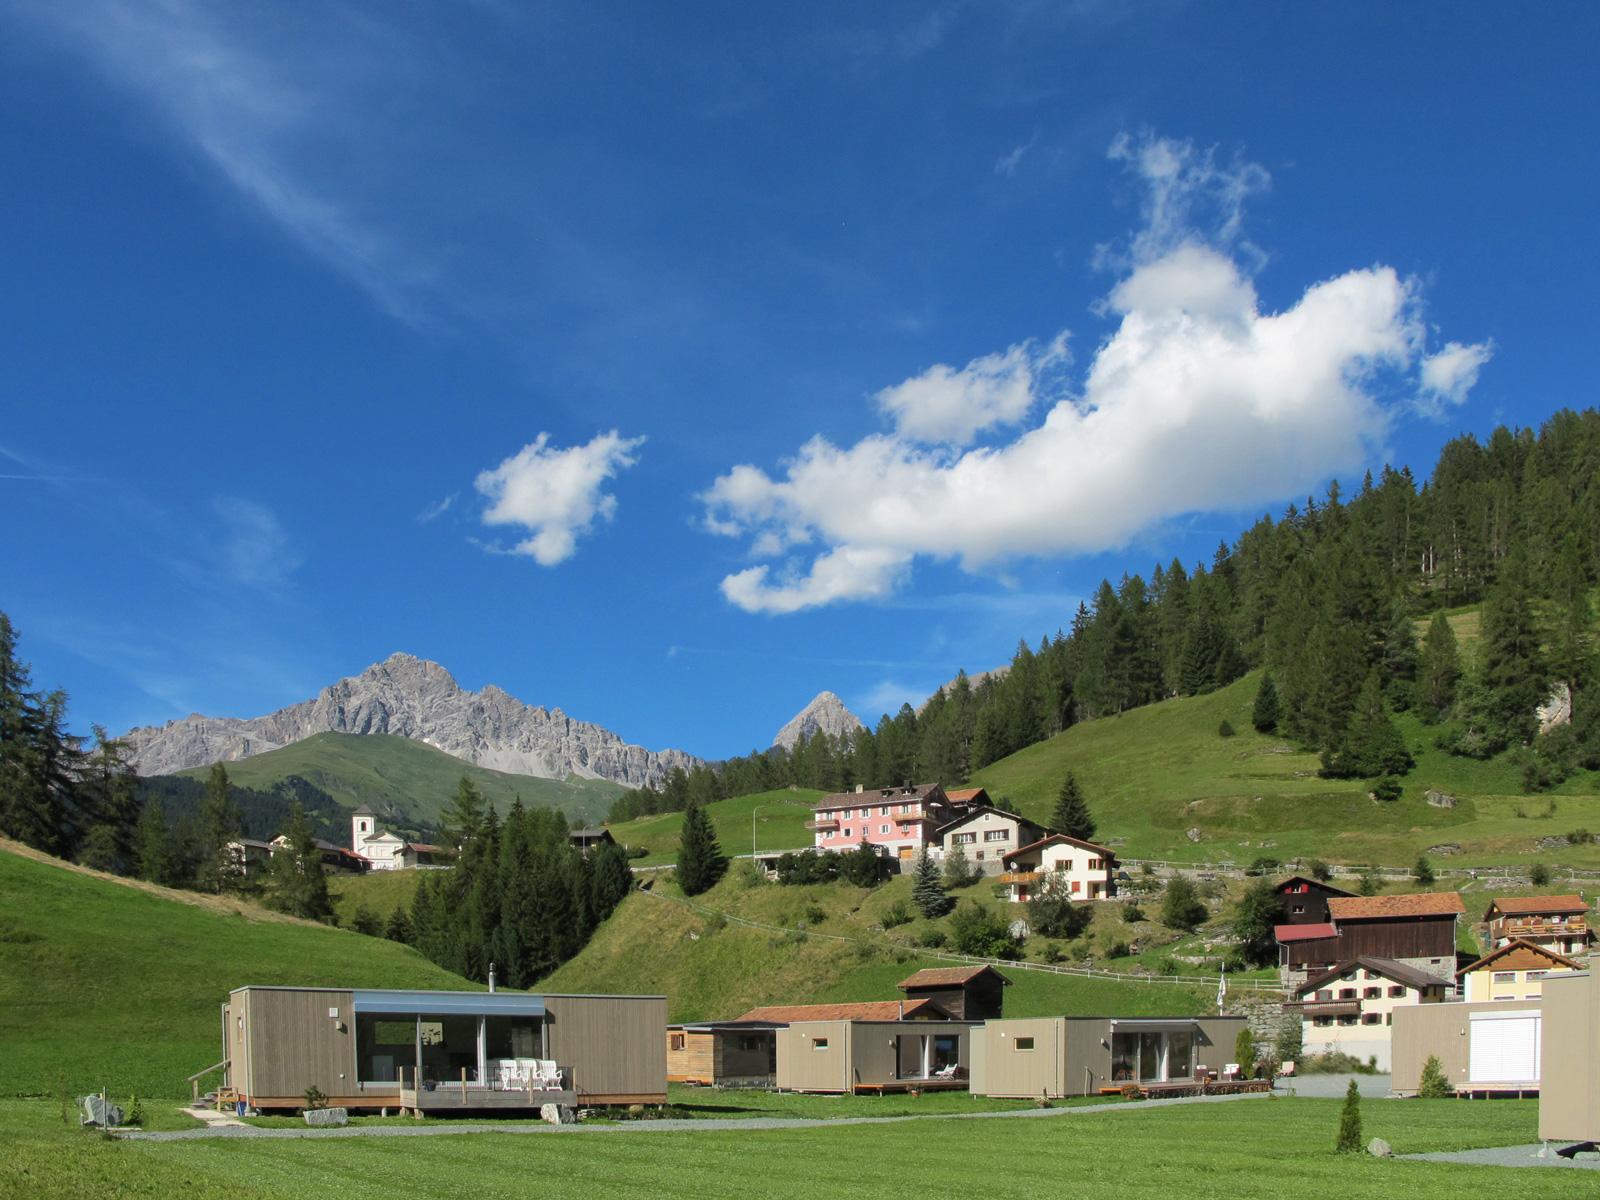 Bergkette Piz Mitgel mit Tinterhorn rechts und Oberrona mit Barockkirche